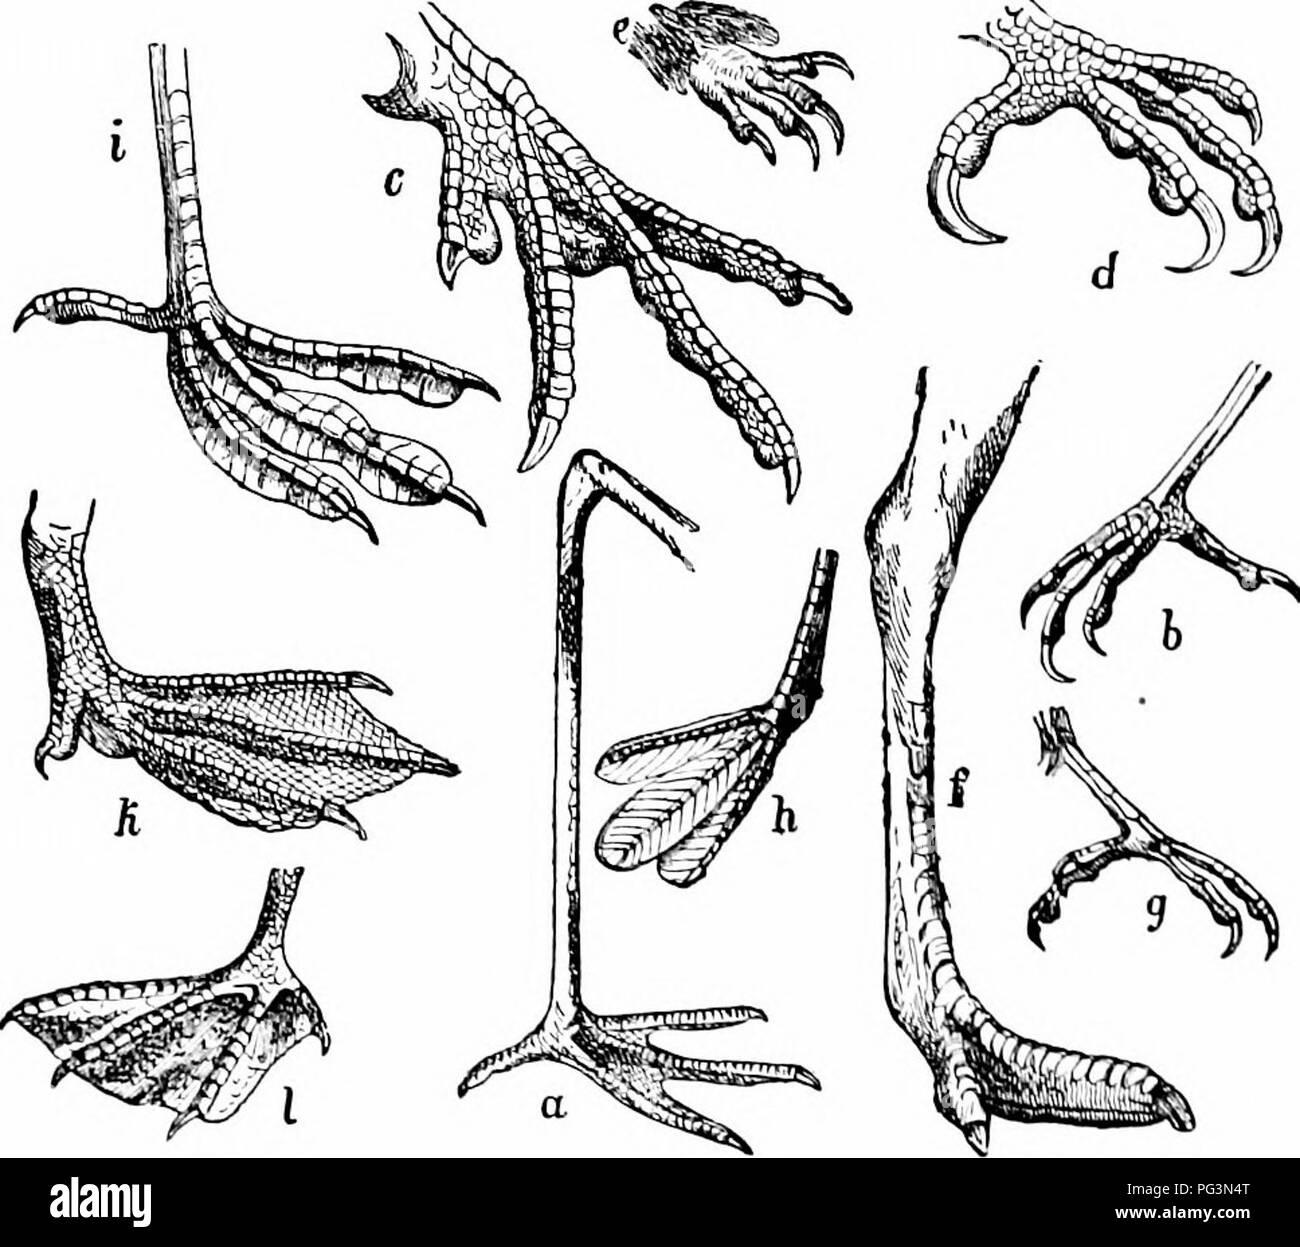 """. Ein Handbuch der Zoologie. Zoologie. 542 CnORDATA Es ist wahrscheinlich, dass (Liegen aus Ralites carinatc Formen durch Verlust von Macht der Tli abgestiegen, ich; Hl. Die anatomischen Unterschiede zwischen den verschiedenen Familien laden zu einem beliee, dass die-ha"""" e von dilTerent Gruppen von carinates entstanden und daher nicht eine natürliche Gefüge bilden. Abschnitt I. STI^ UTHIOXES, lange Humerus, Beine und Hals. Stritthion-ID. E, zwei-toed Strauße. frica, Slnilliio. Rheid.ic, Süden. merican Drei-toed Strauße, Rhea. Abschnitt II. C. SU. RIN.; drei Zehen, humerus kurz. Droiiu,: """"ns. Emus; Casiiariiis, kasuare. Wissenscha Stockbild"""